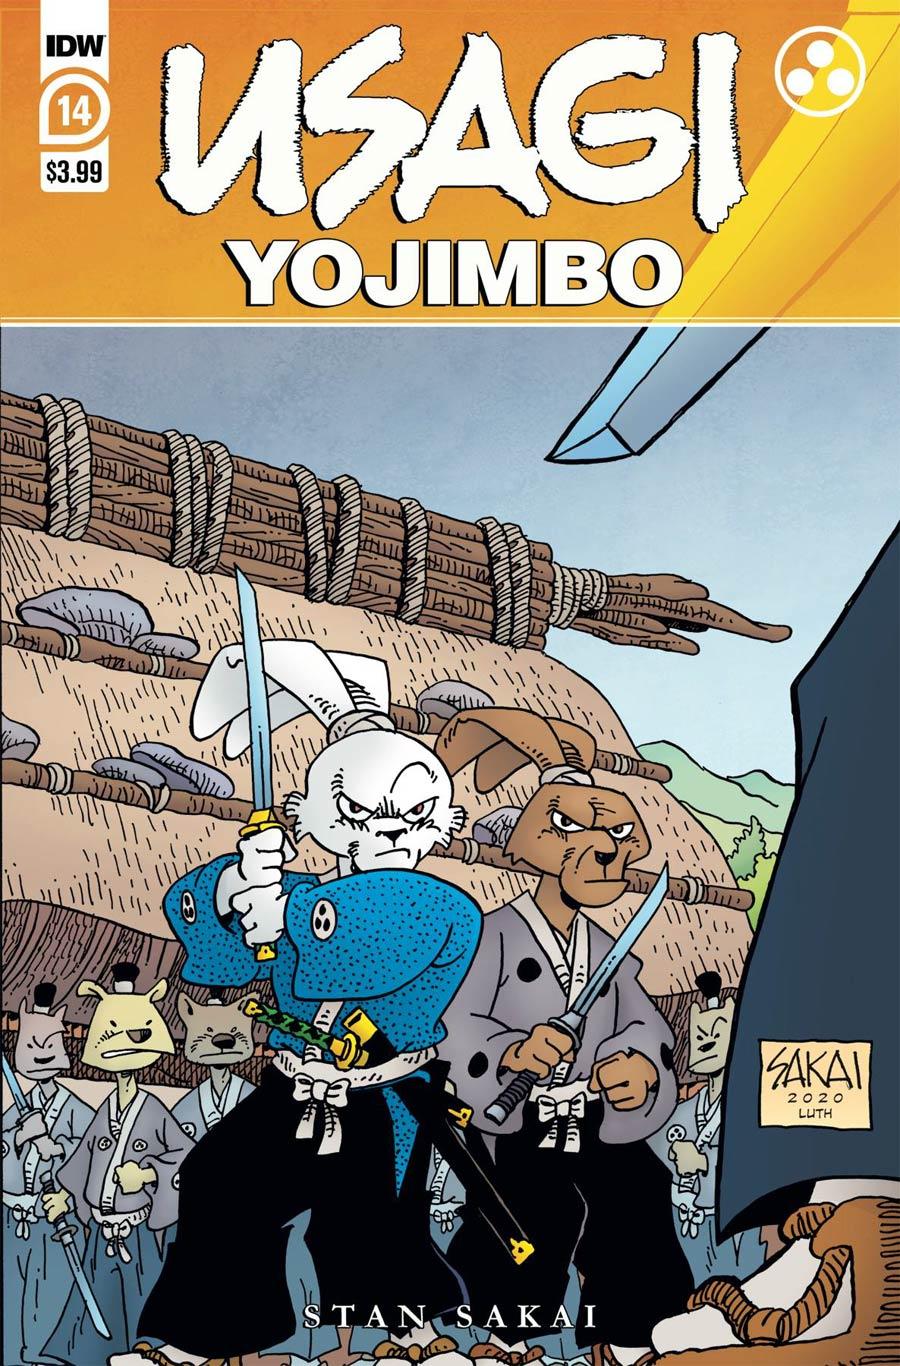 Usagi Yojimbo Vol 4 #14